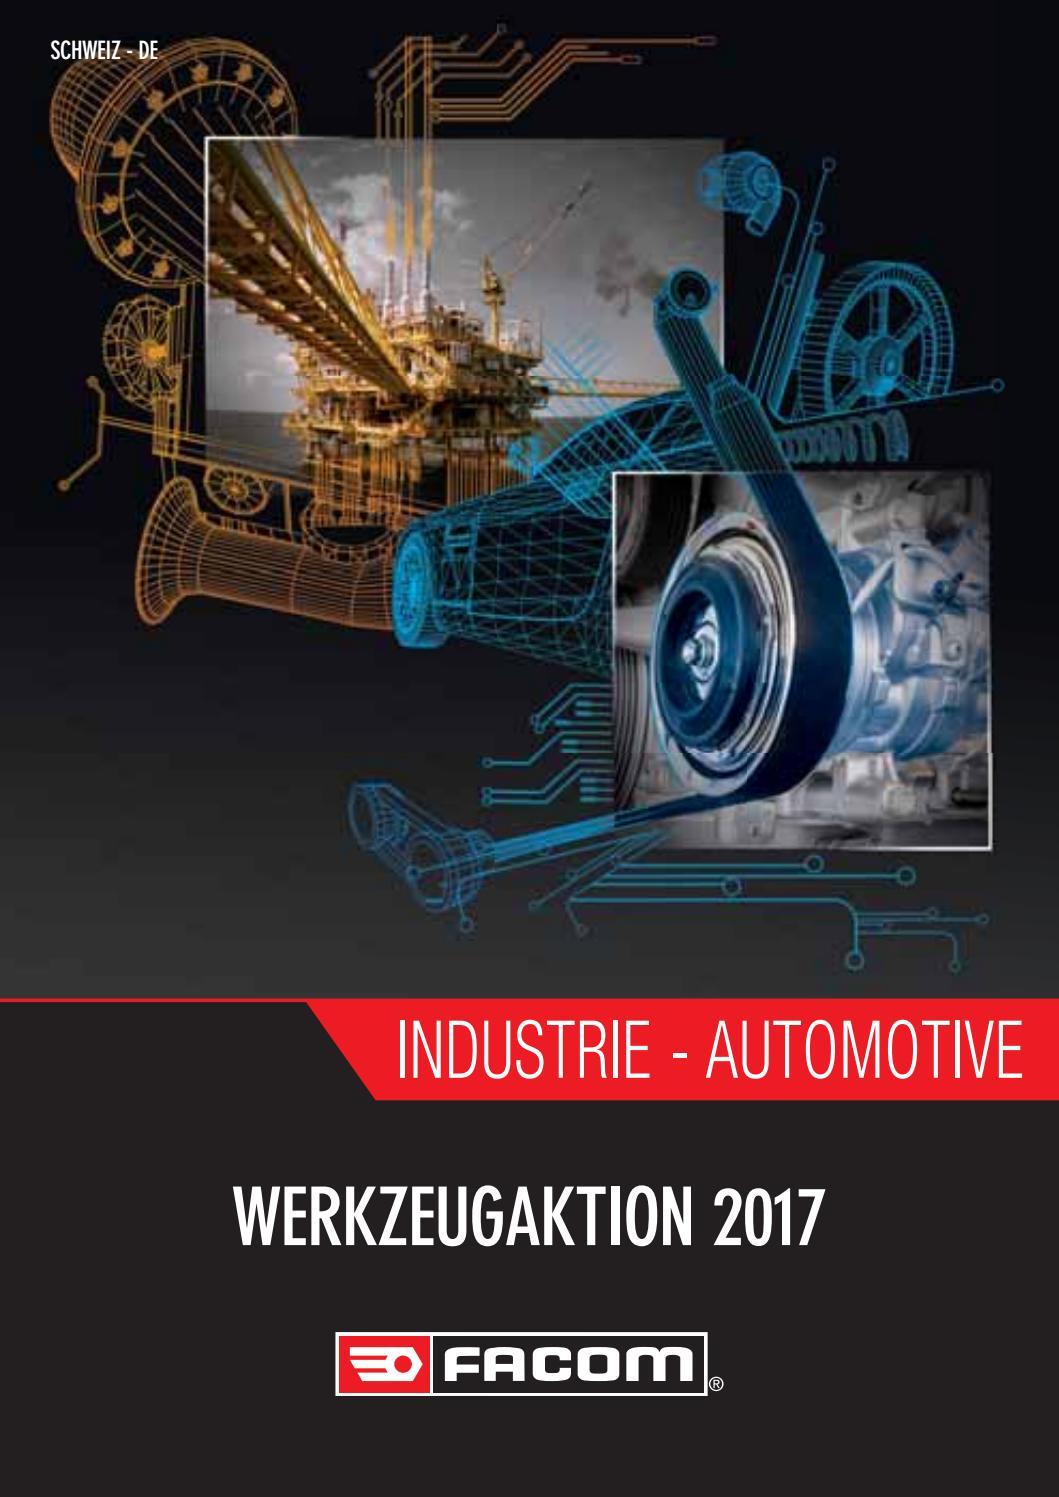 Facom aktion 2017 de by technomag-ch - issuu